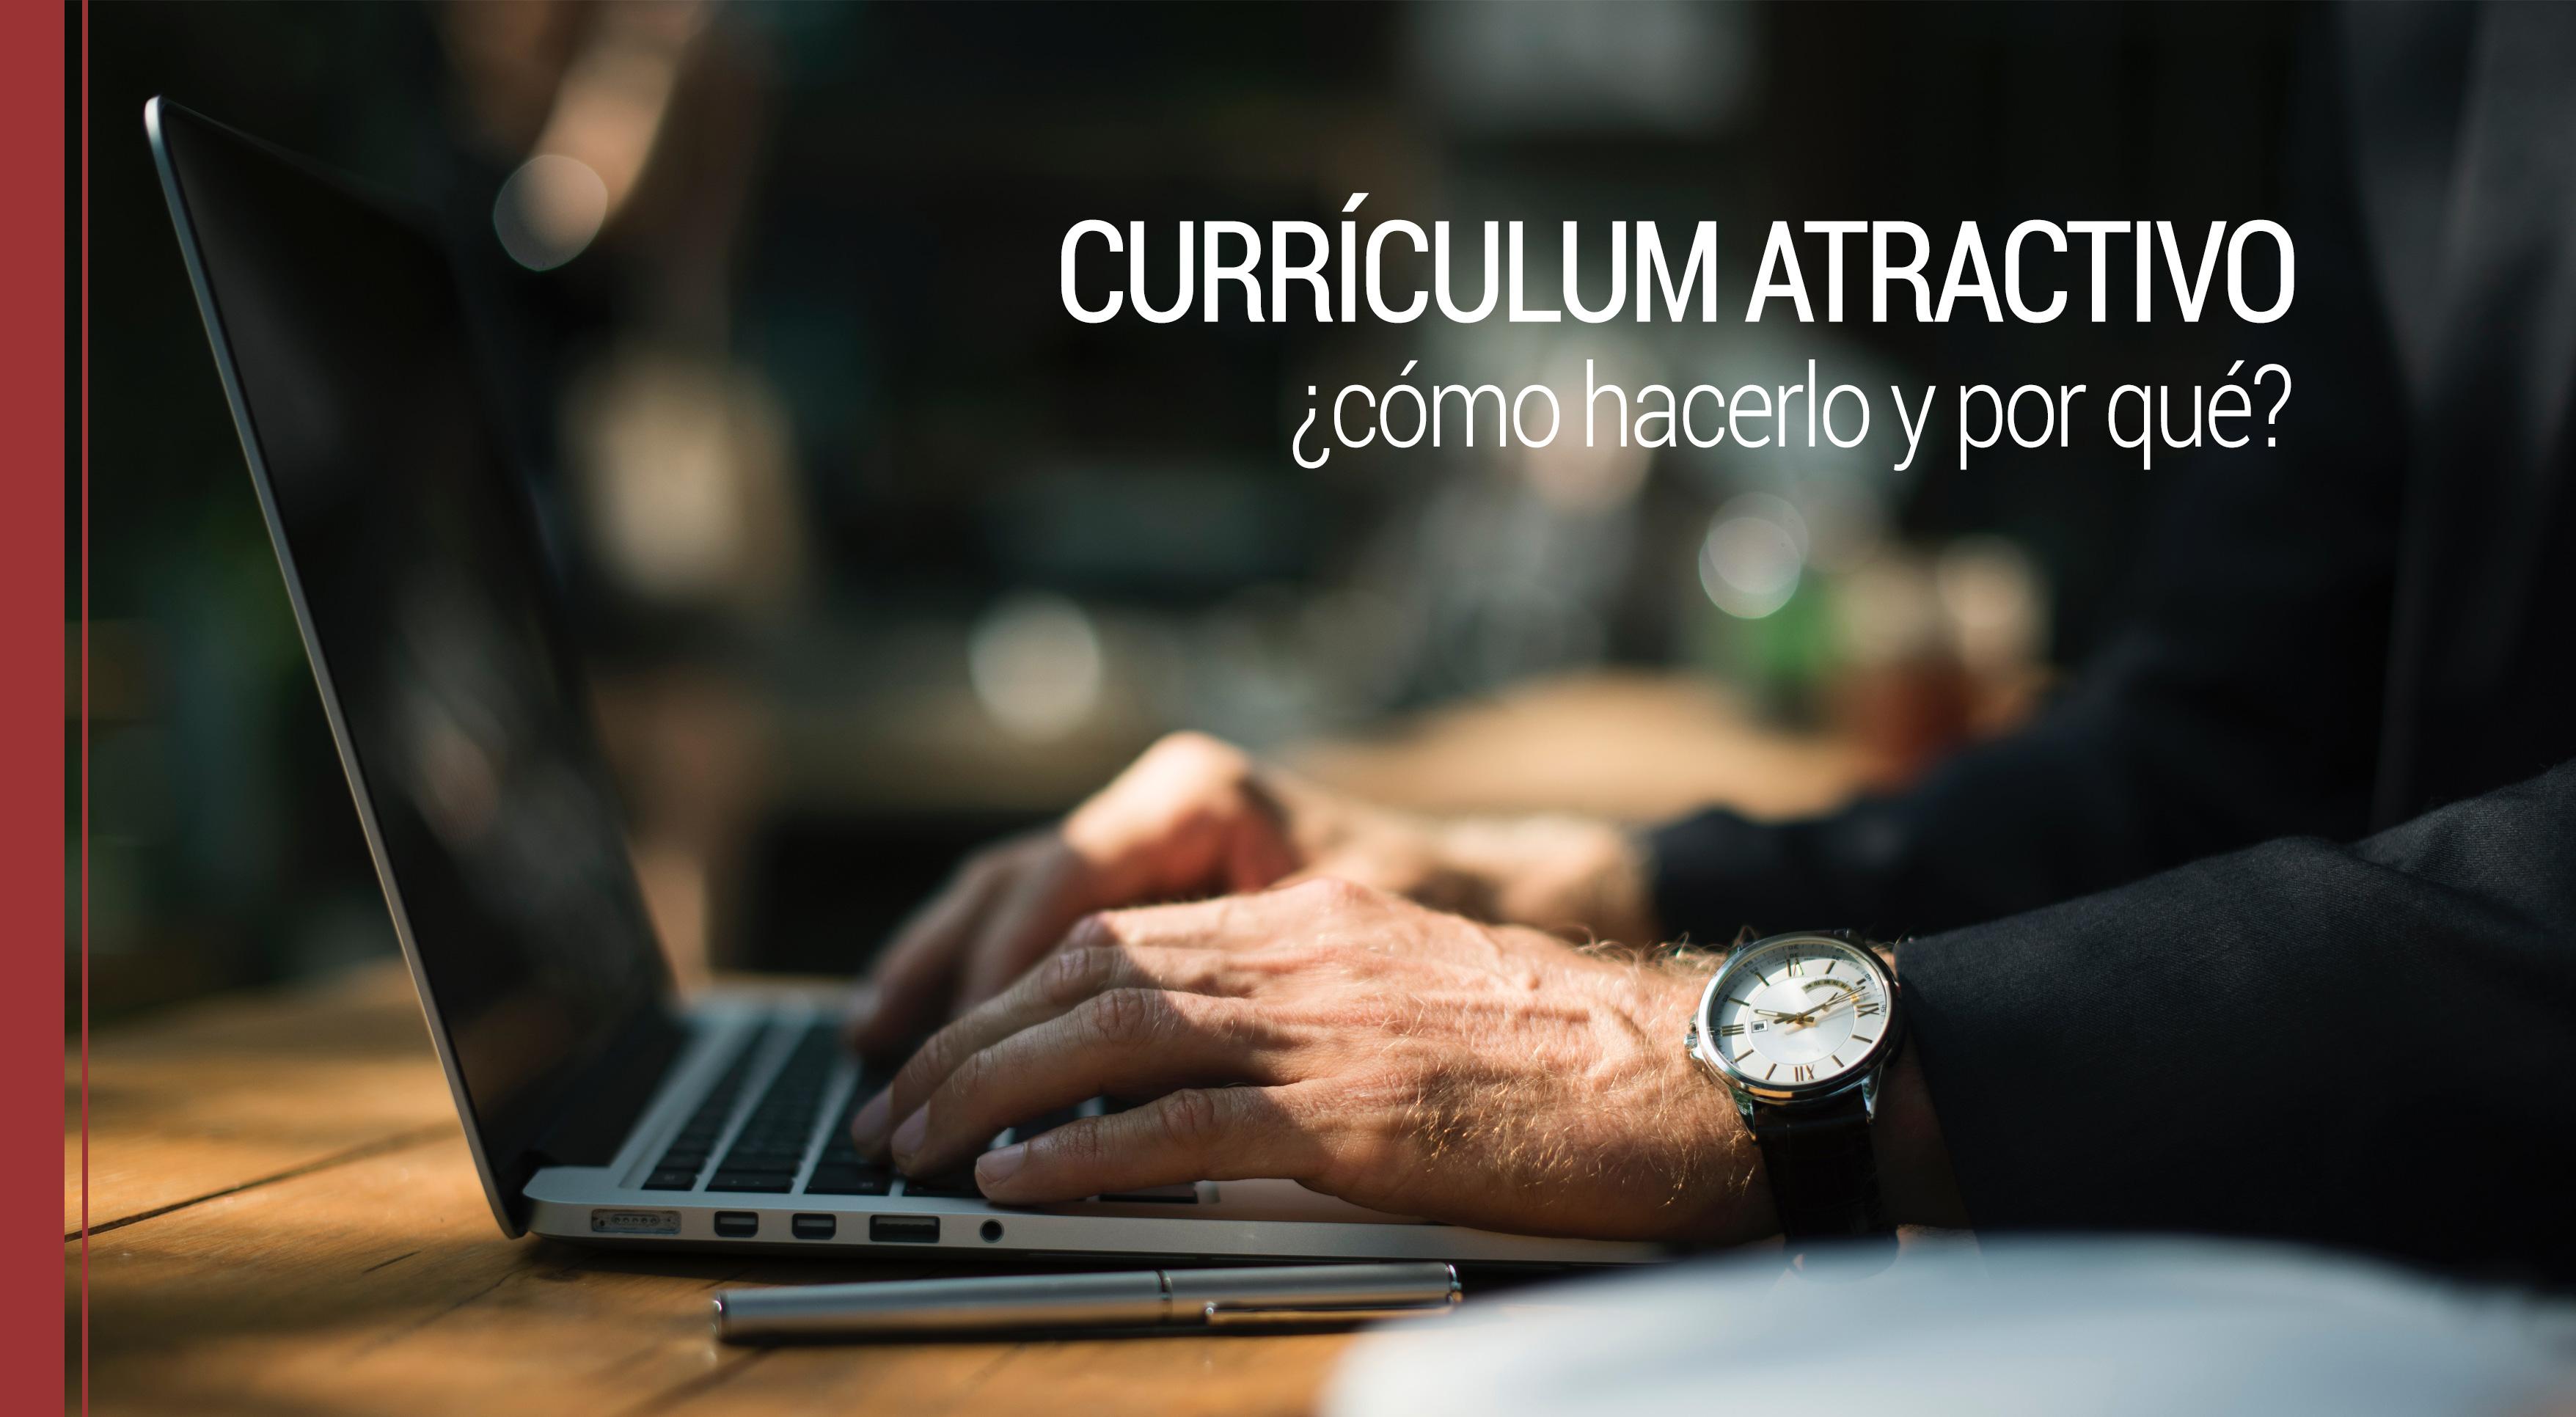 razones por las que debemos tener un curriculum atractivo